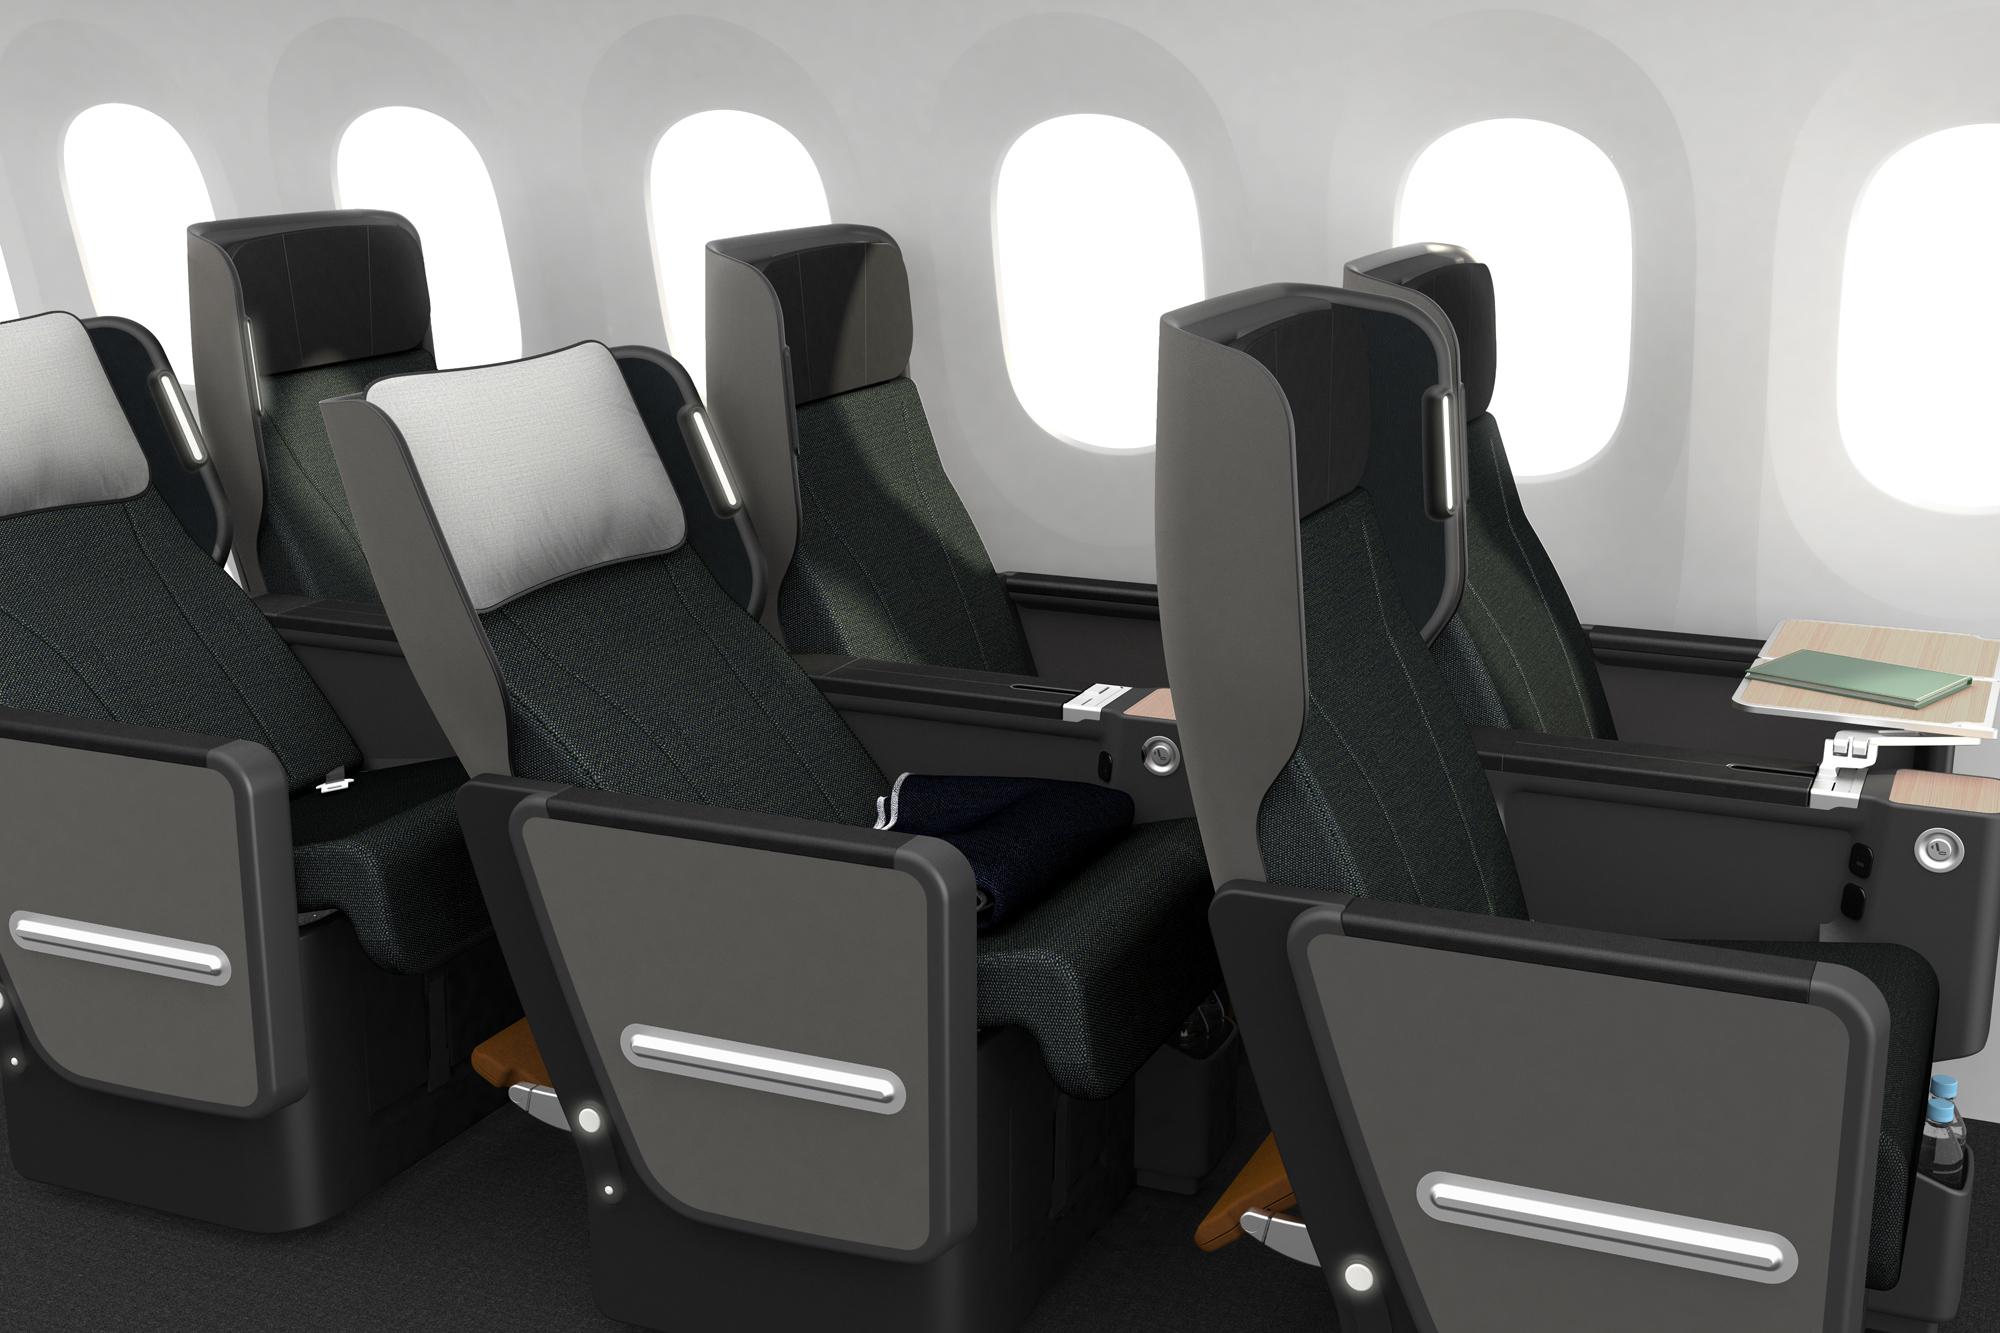 Qantas 787 Premium Economy seat